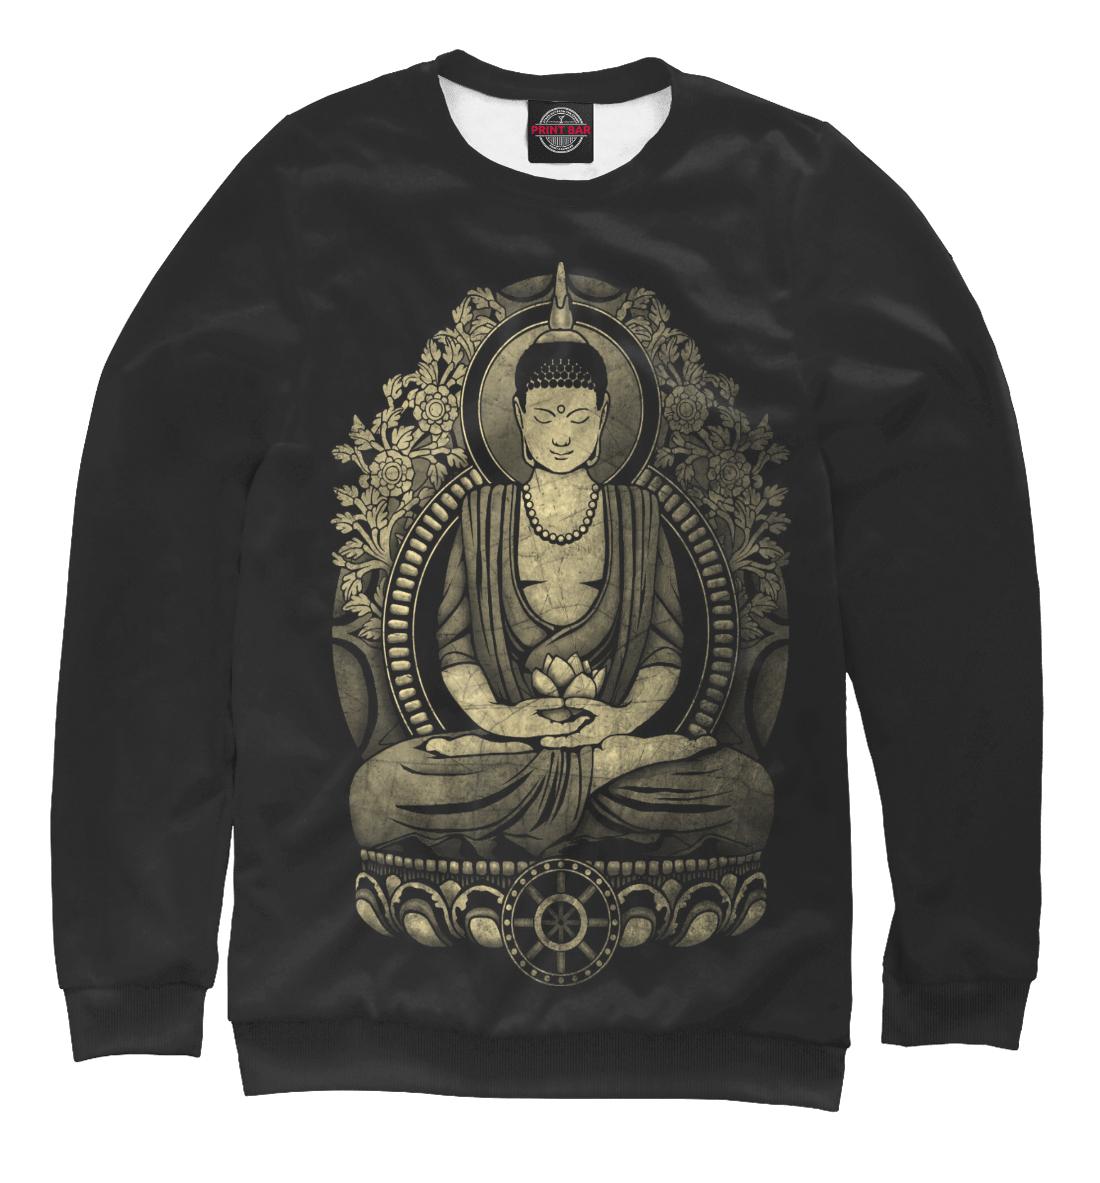 Купить Золотой Будда, Printbar, Свитшоты, ZNR-370824-swi-2